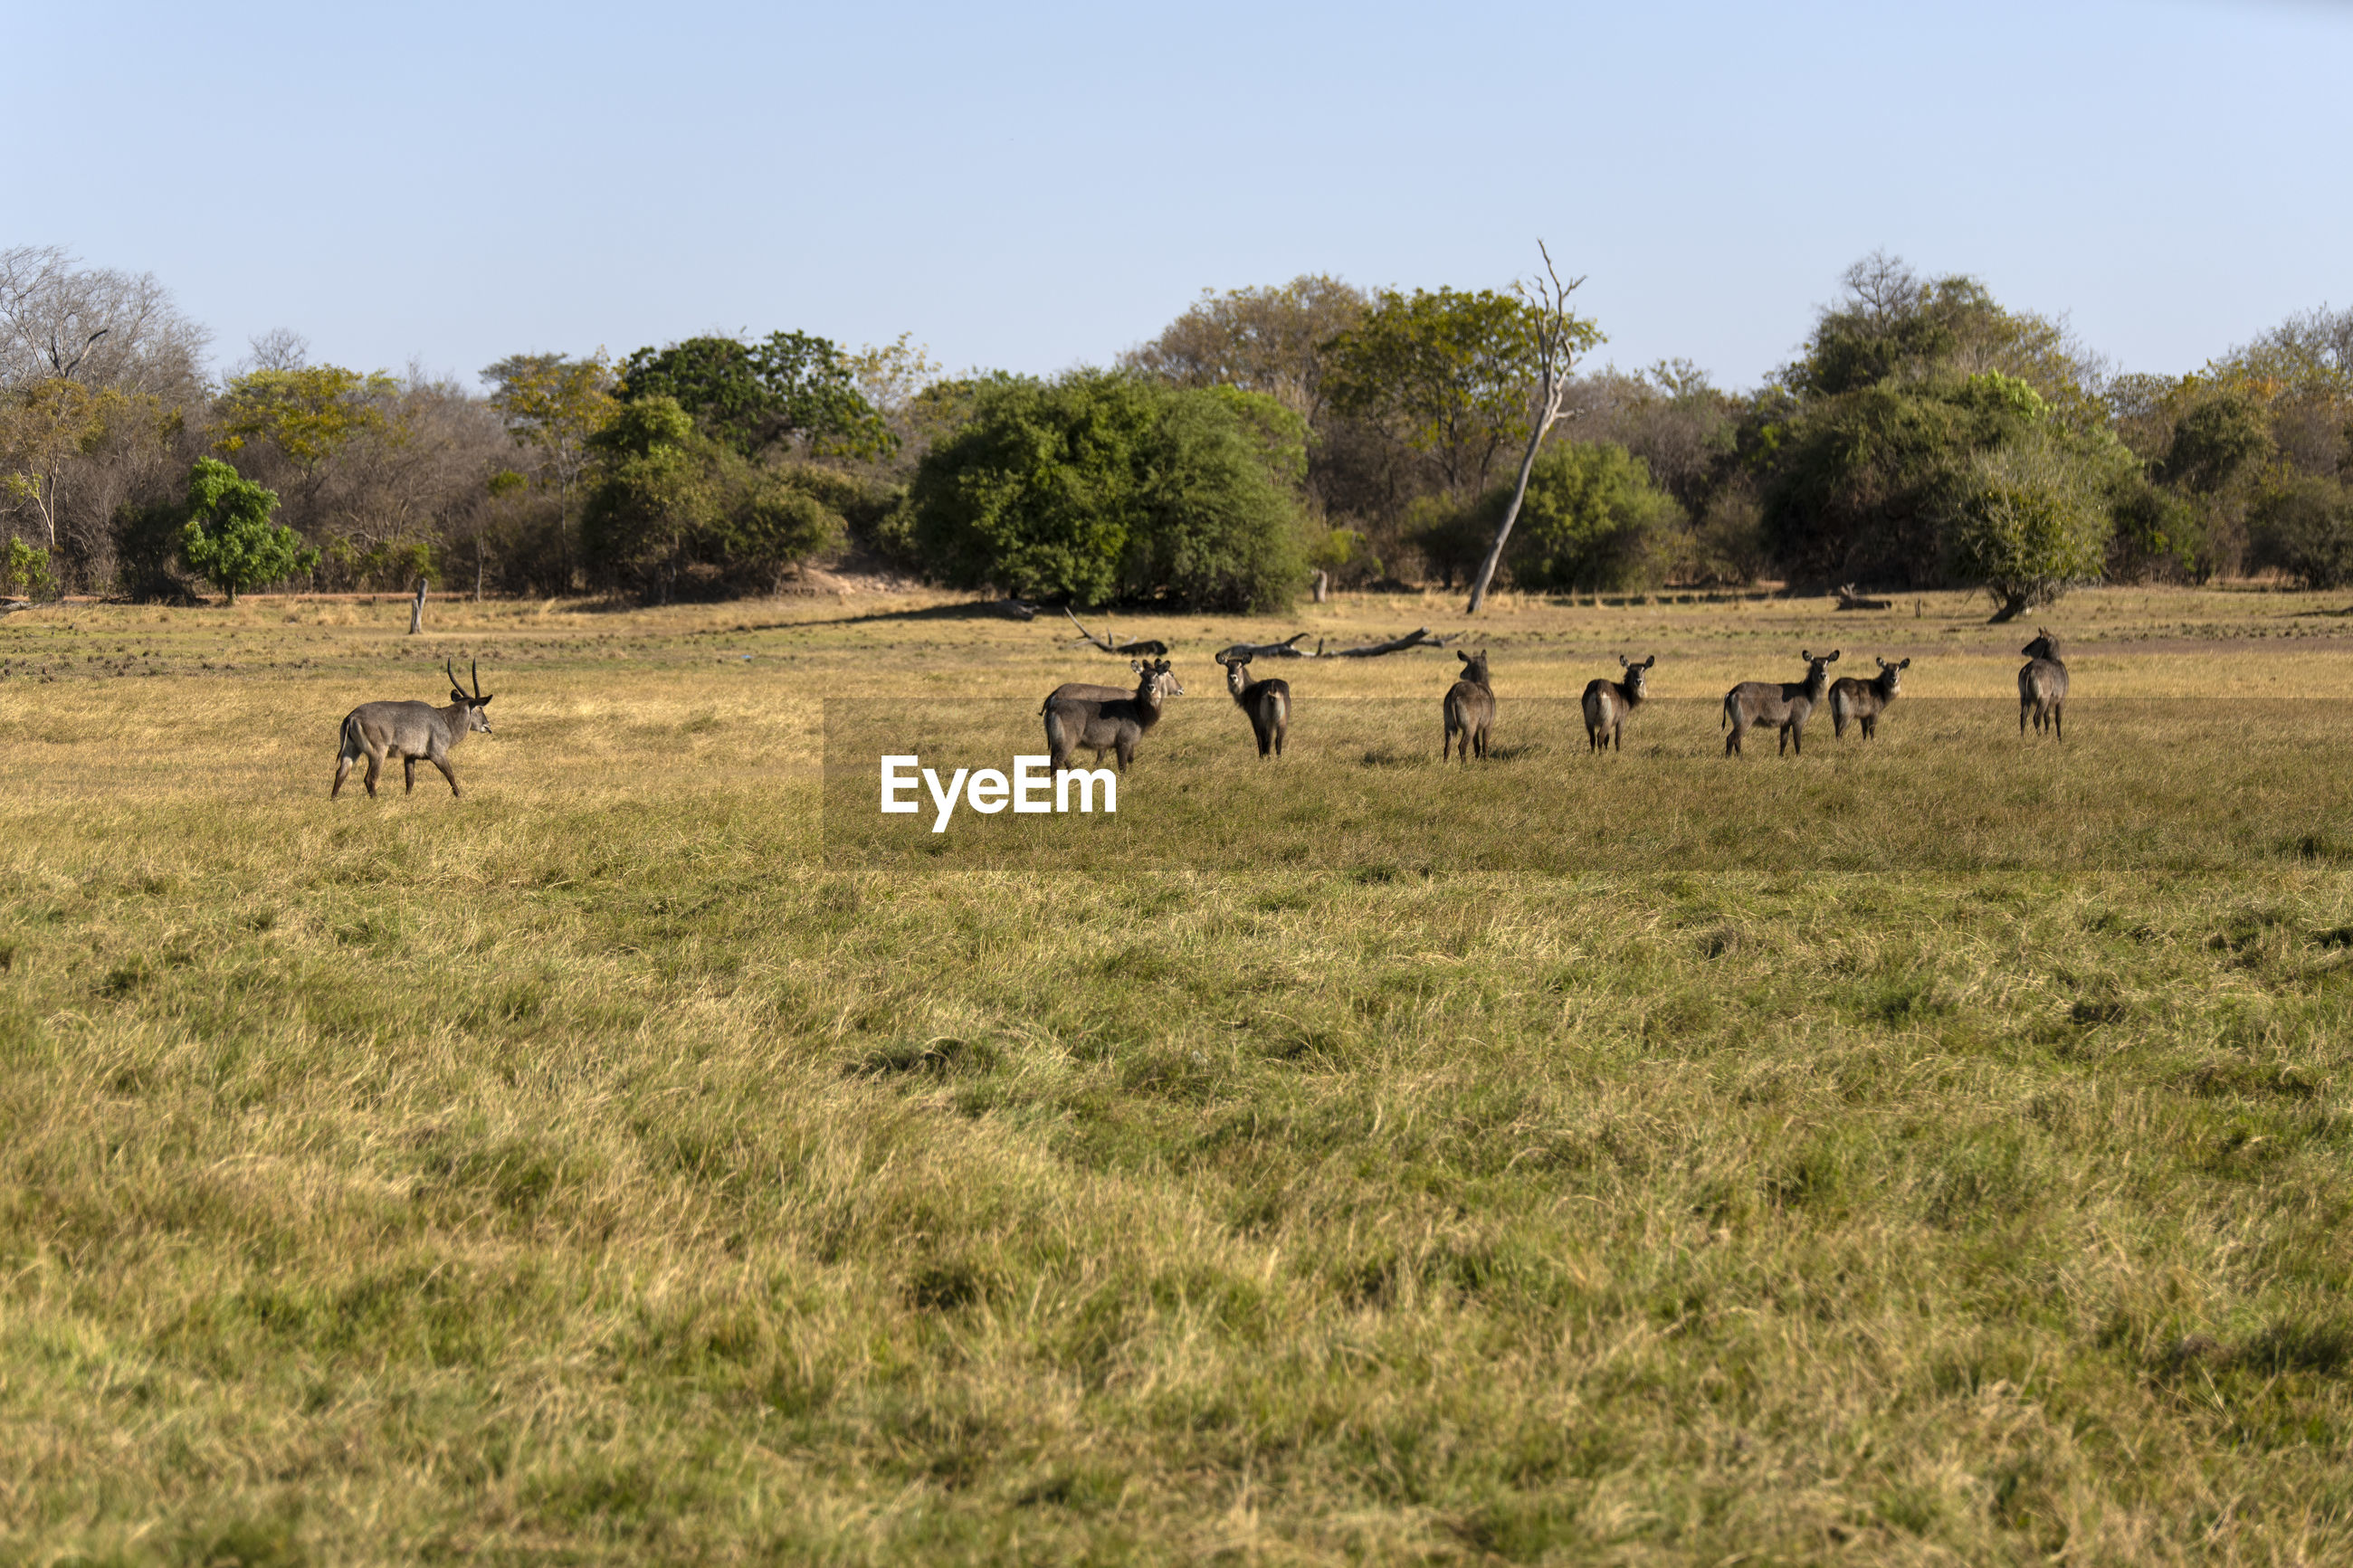 Waterbucks in a field